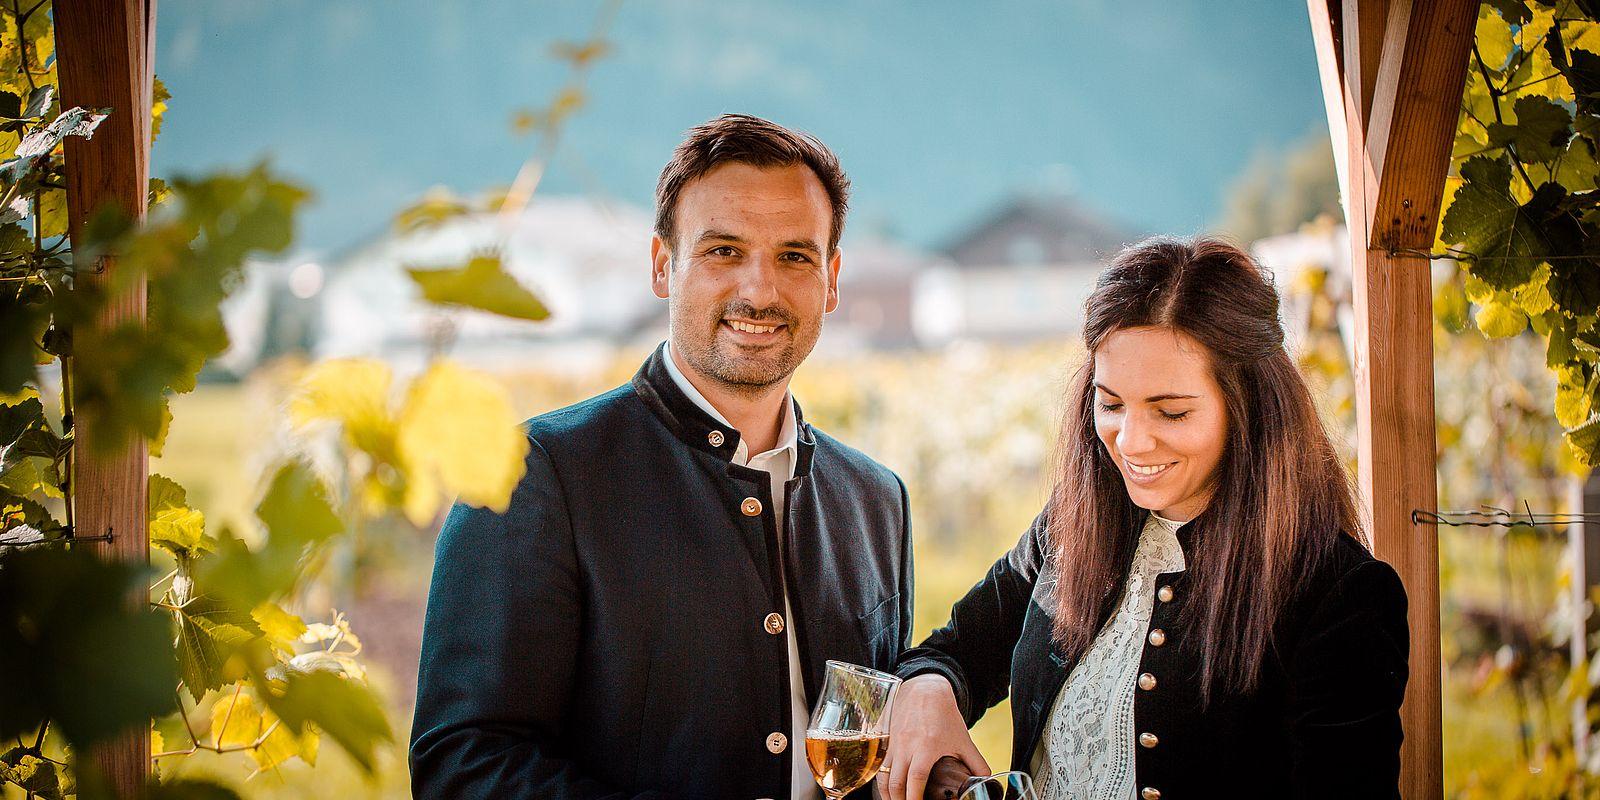 Gastgeber schenken Wein ein